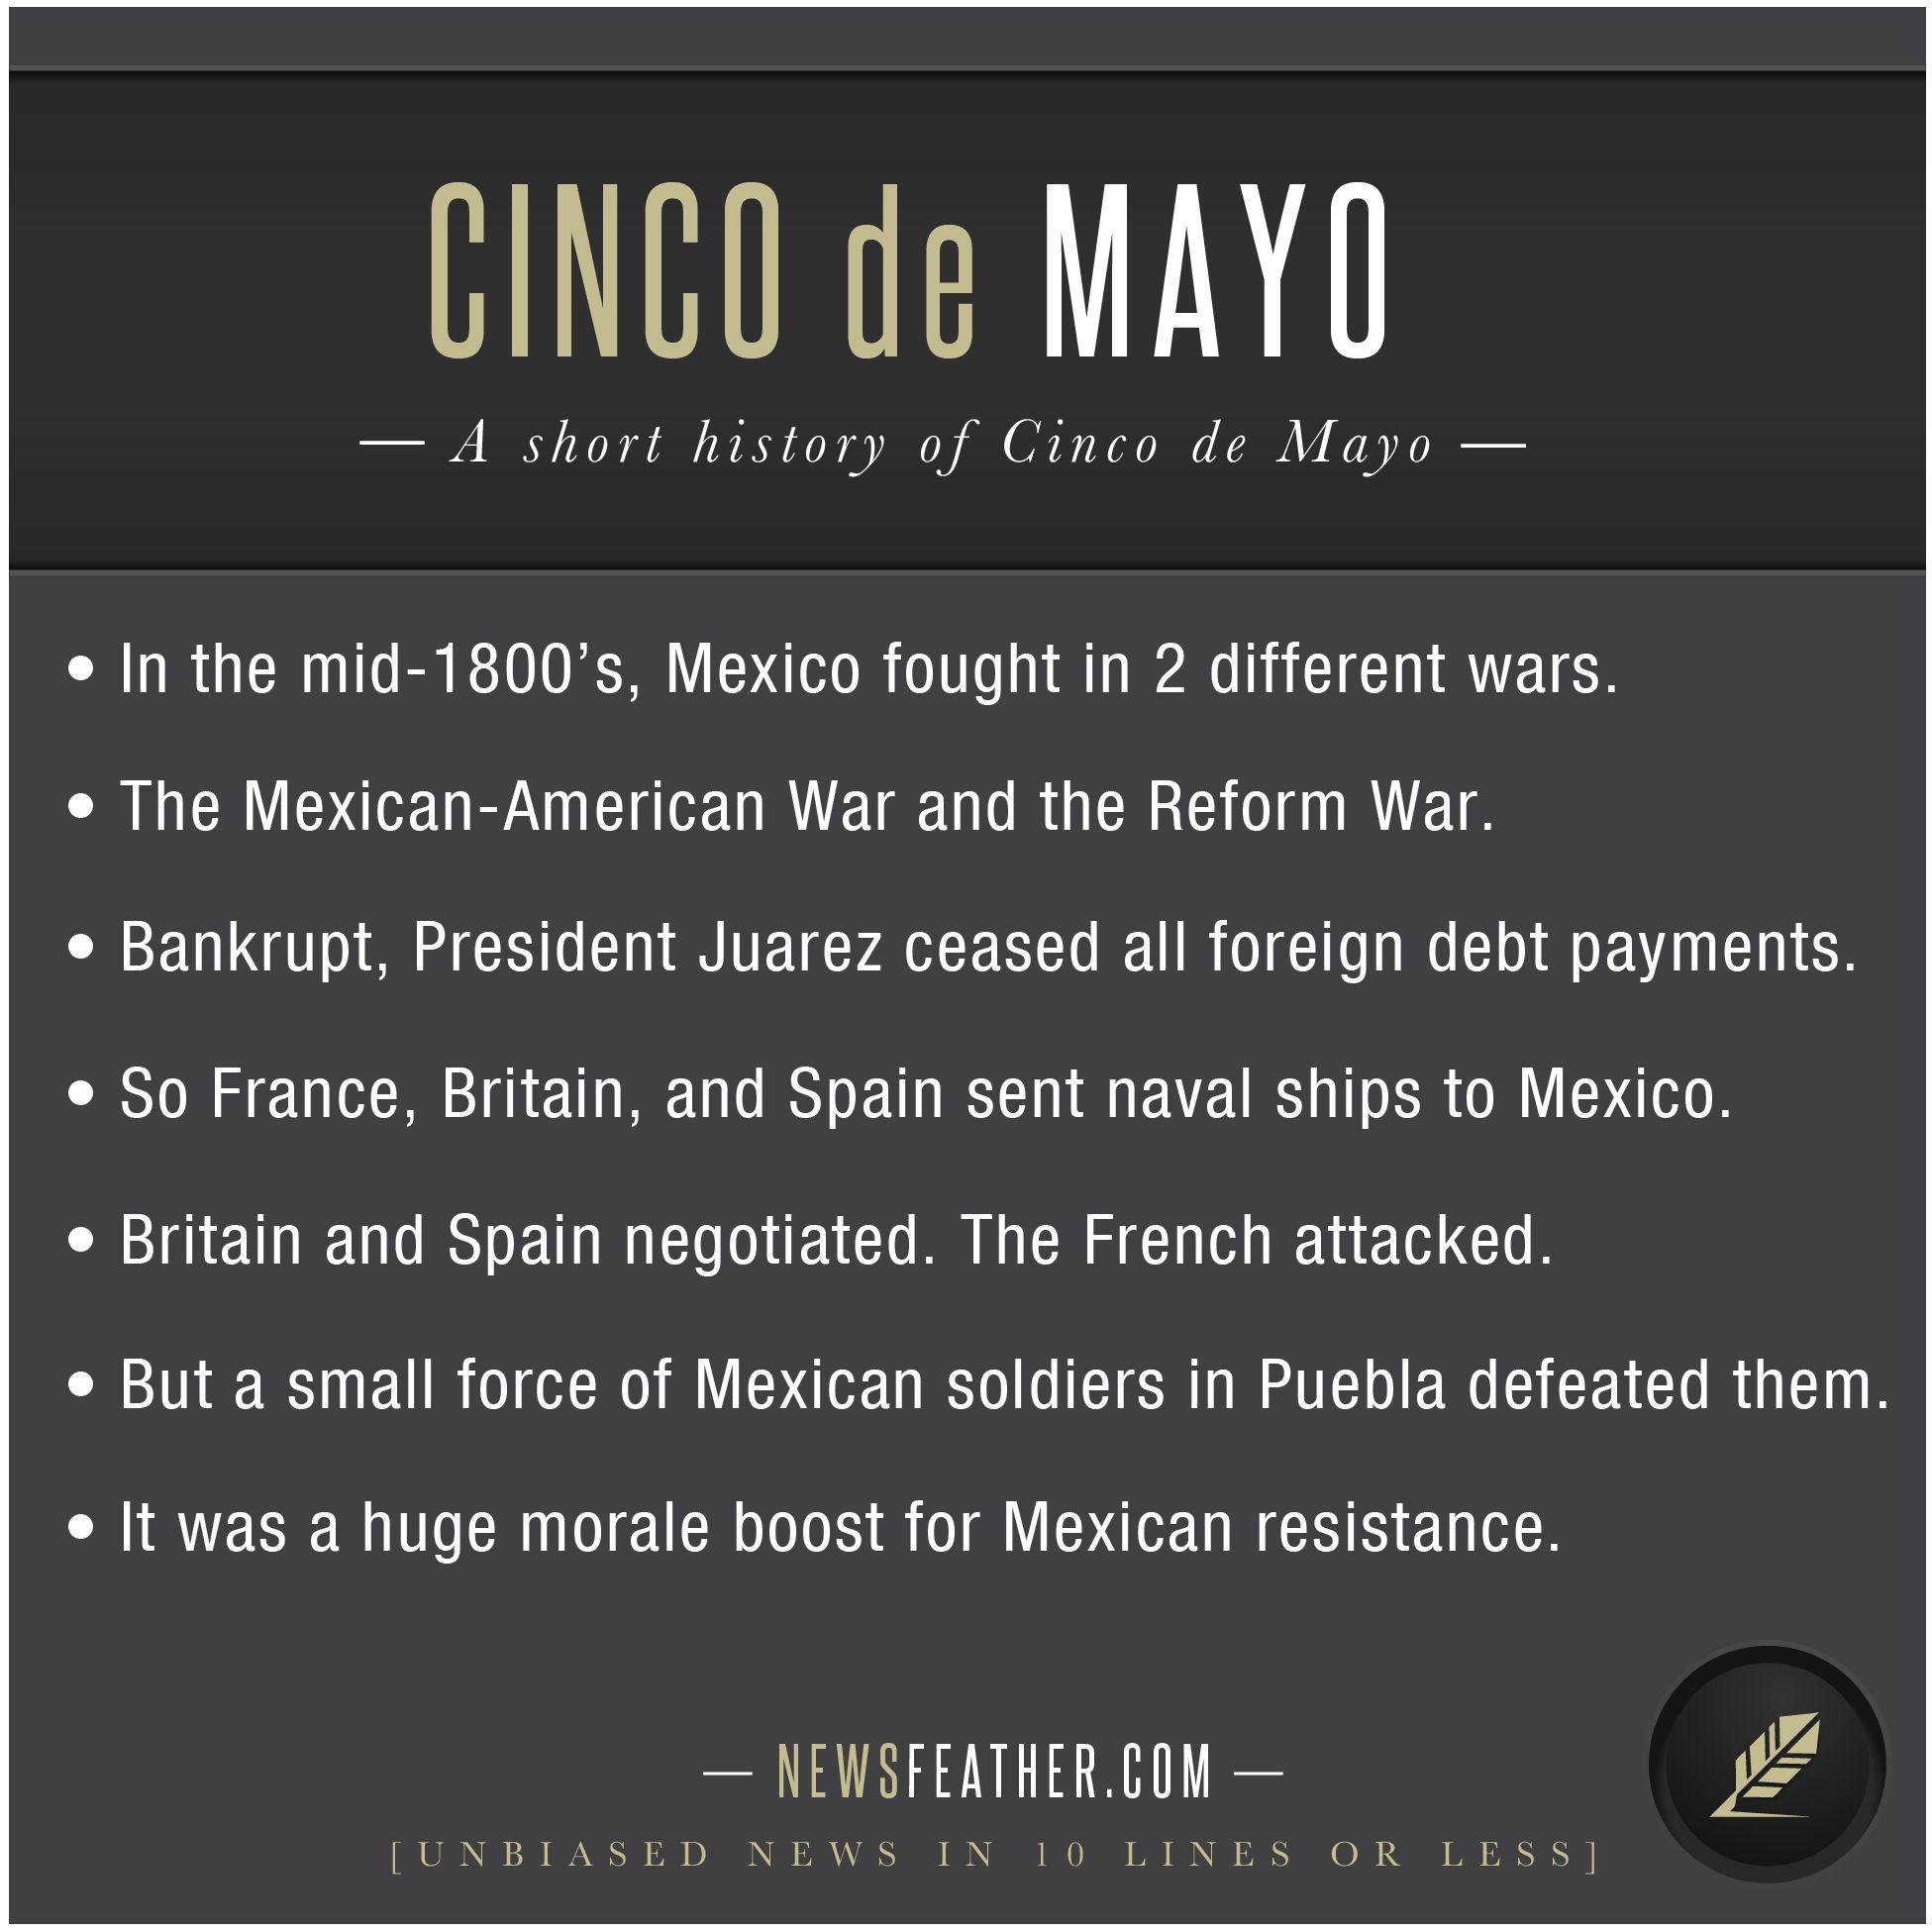 A Short History Of Cinco De Mayo Description From